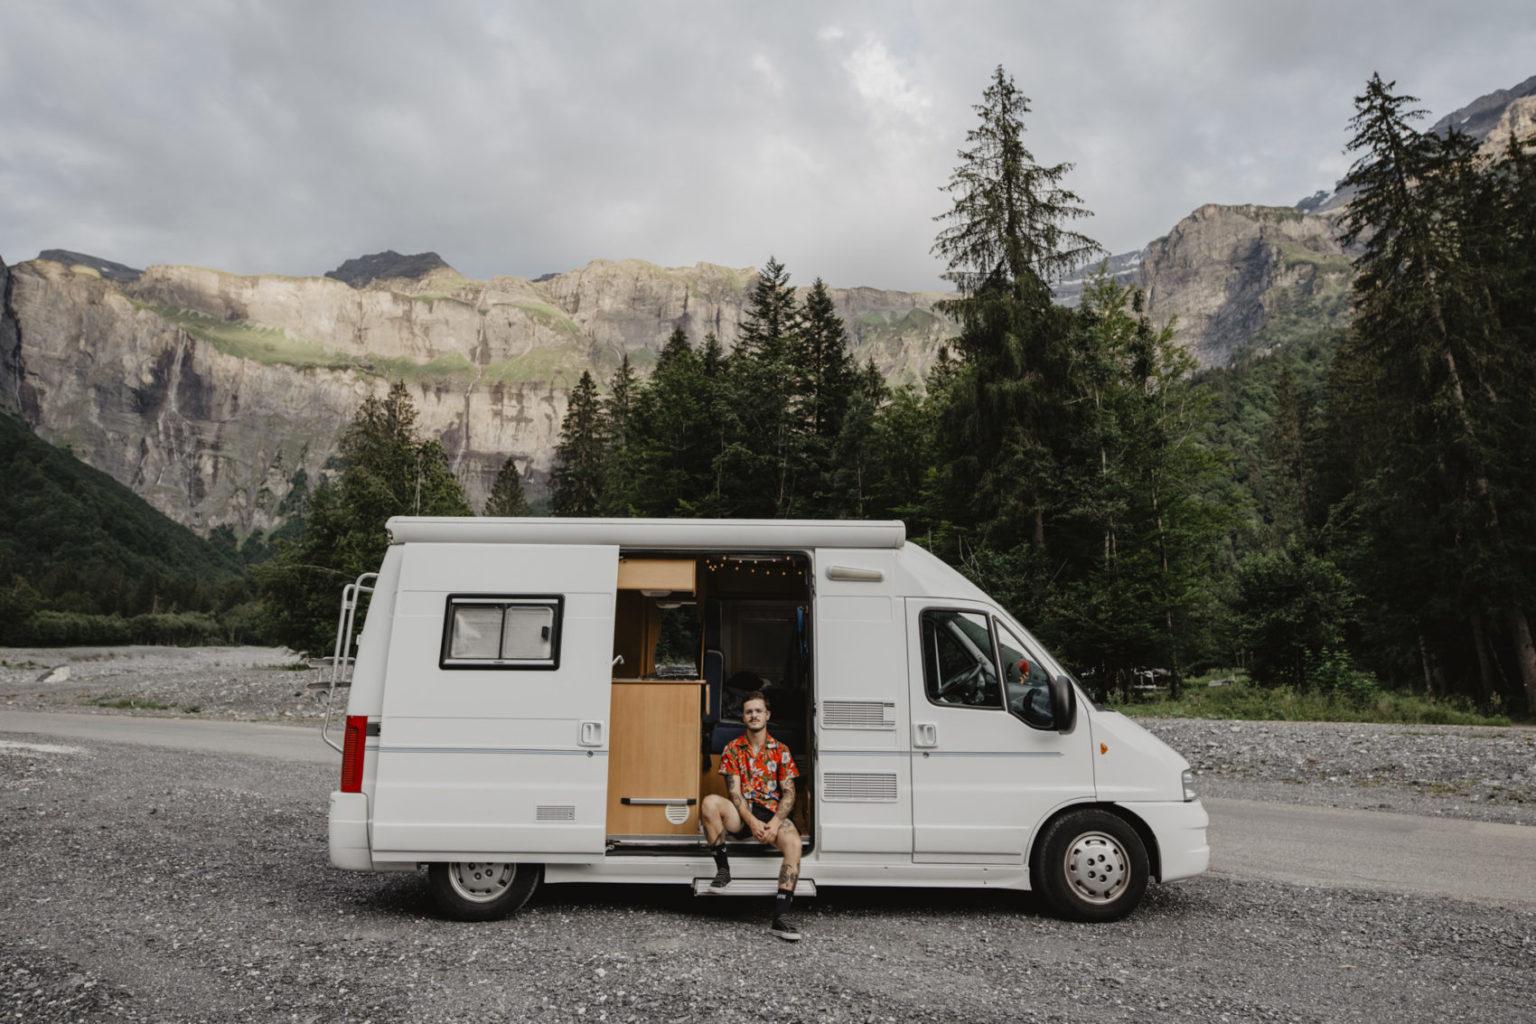 Enzo – vanlifer & photographe en studio nomade